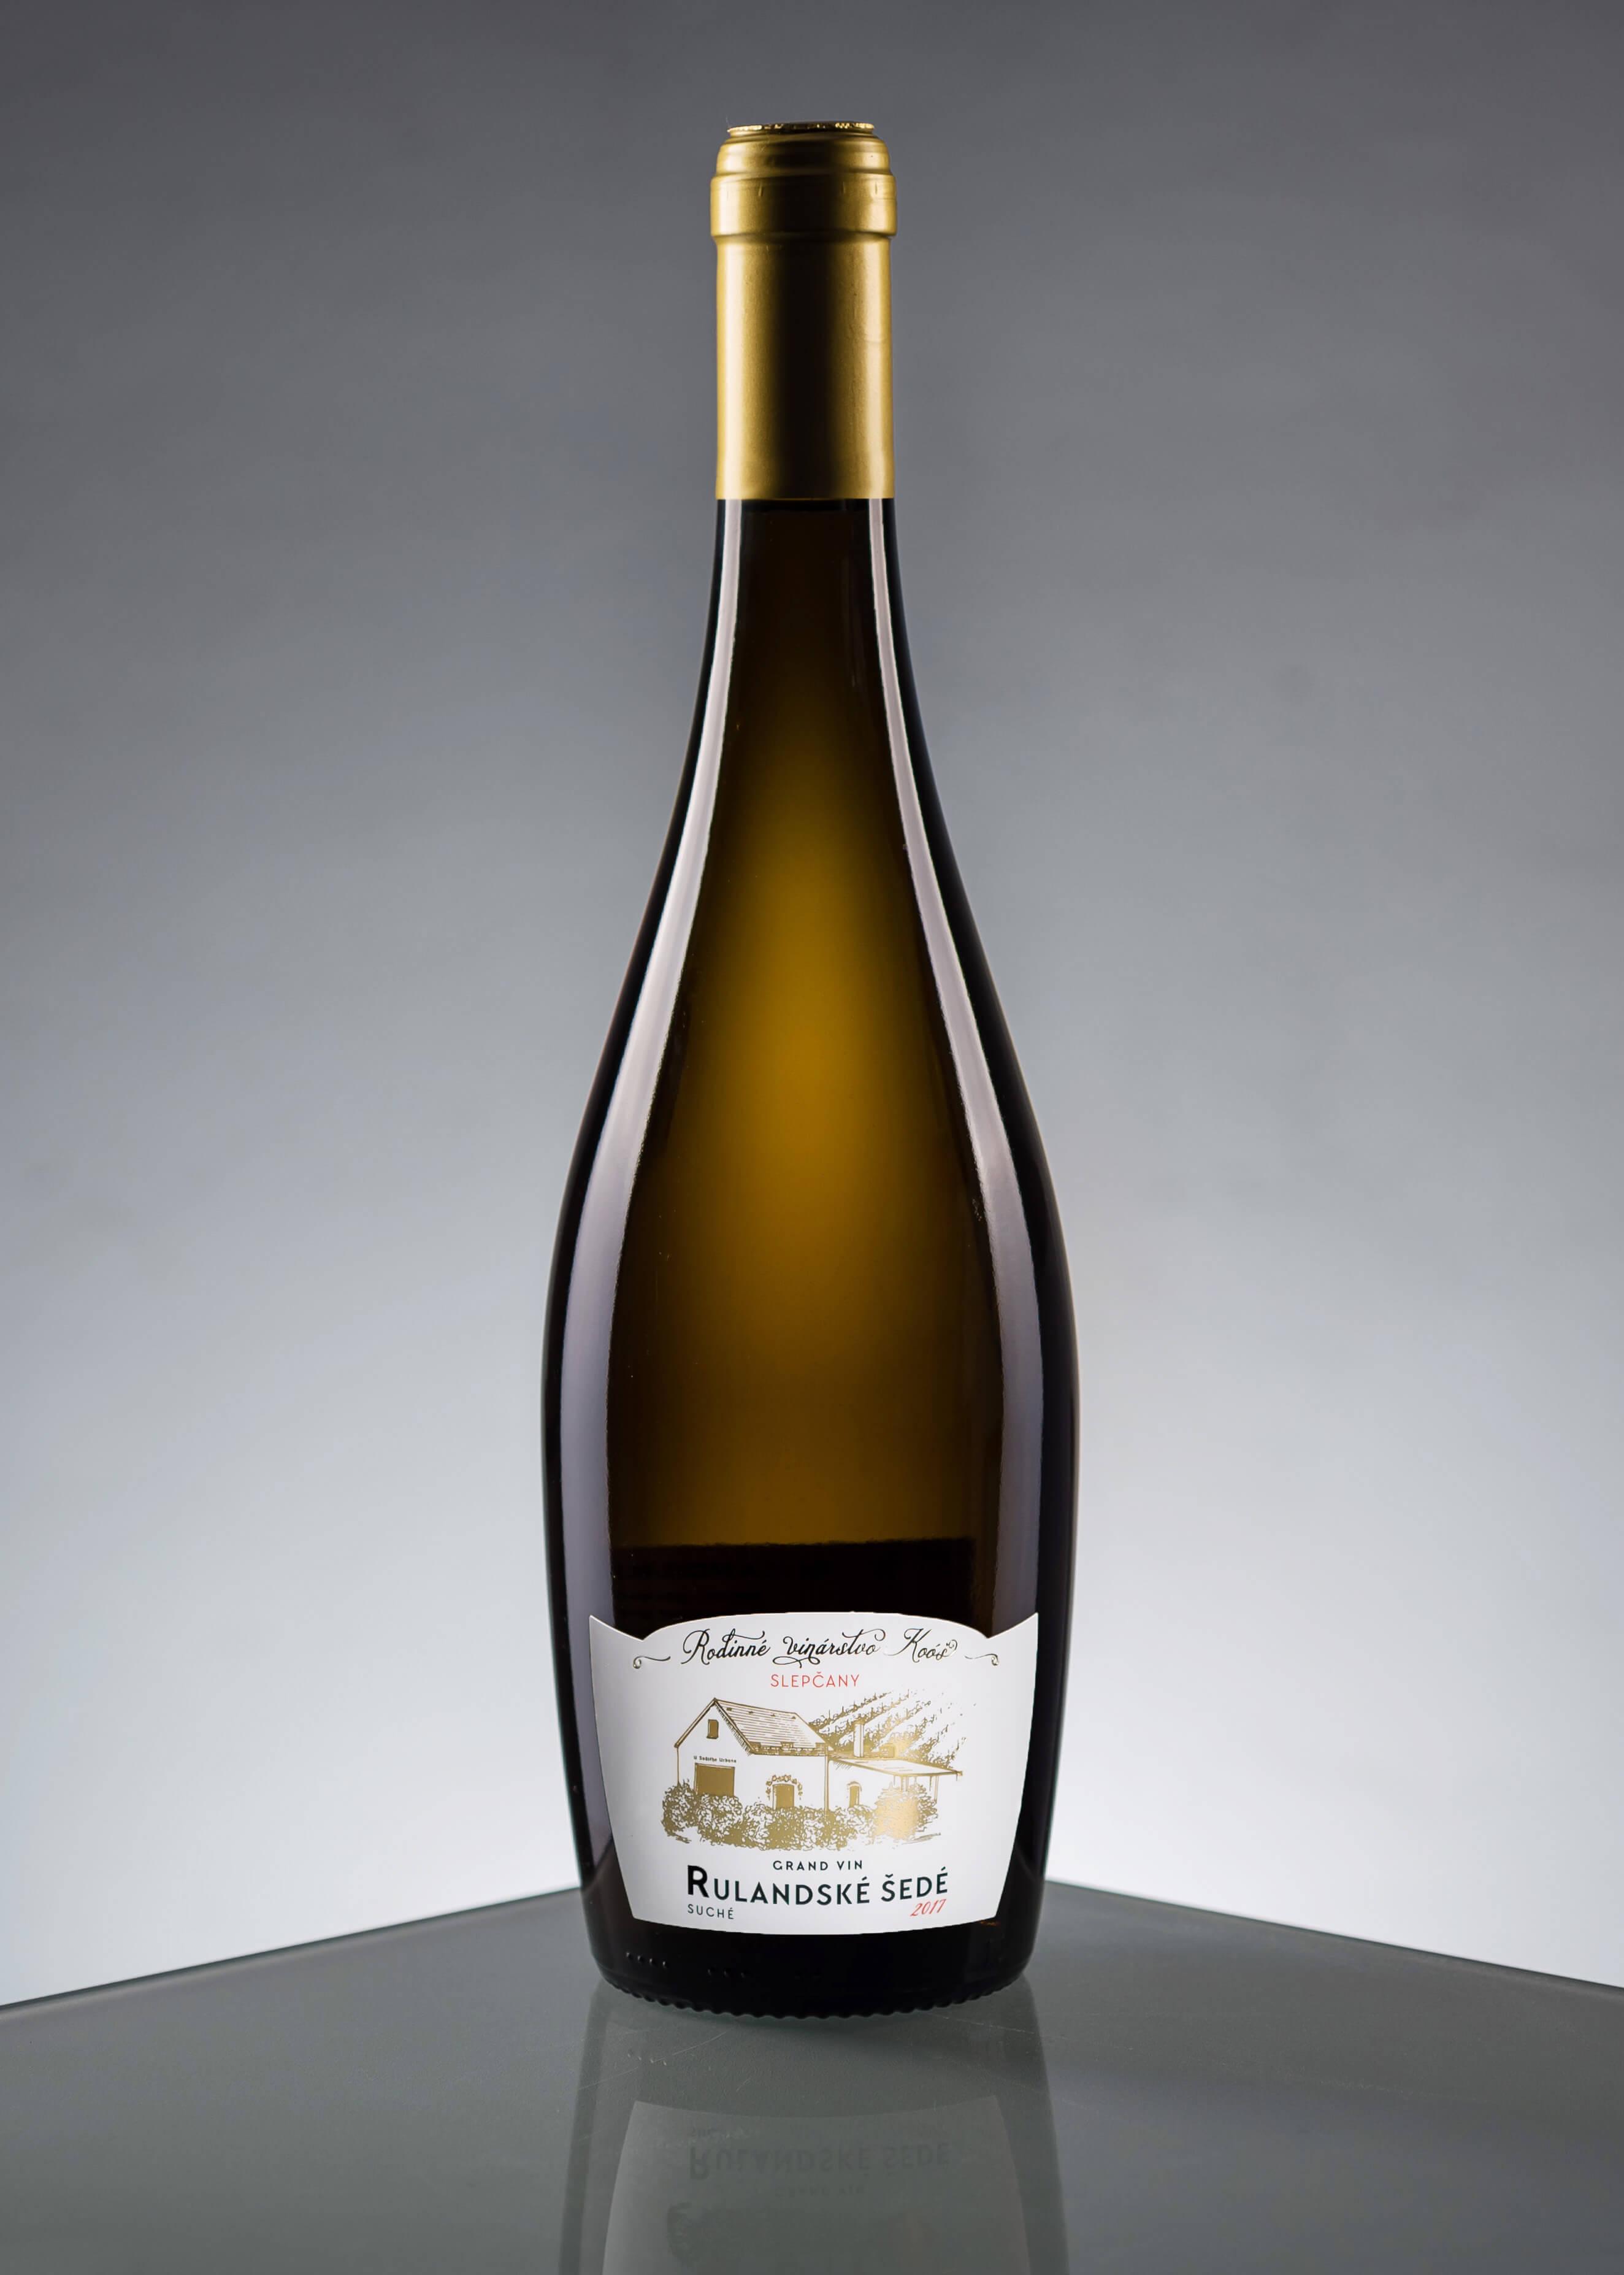 rulandske-sede-biele-vino-koos